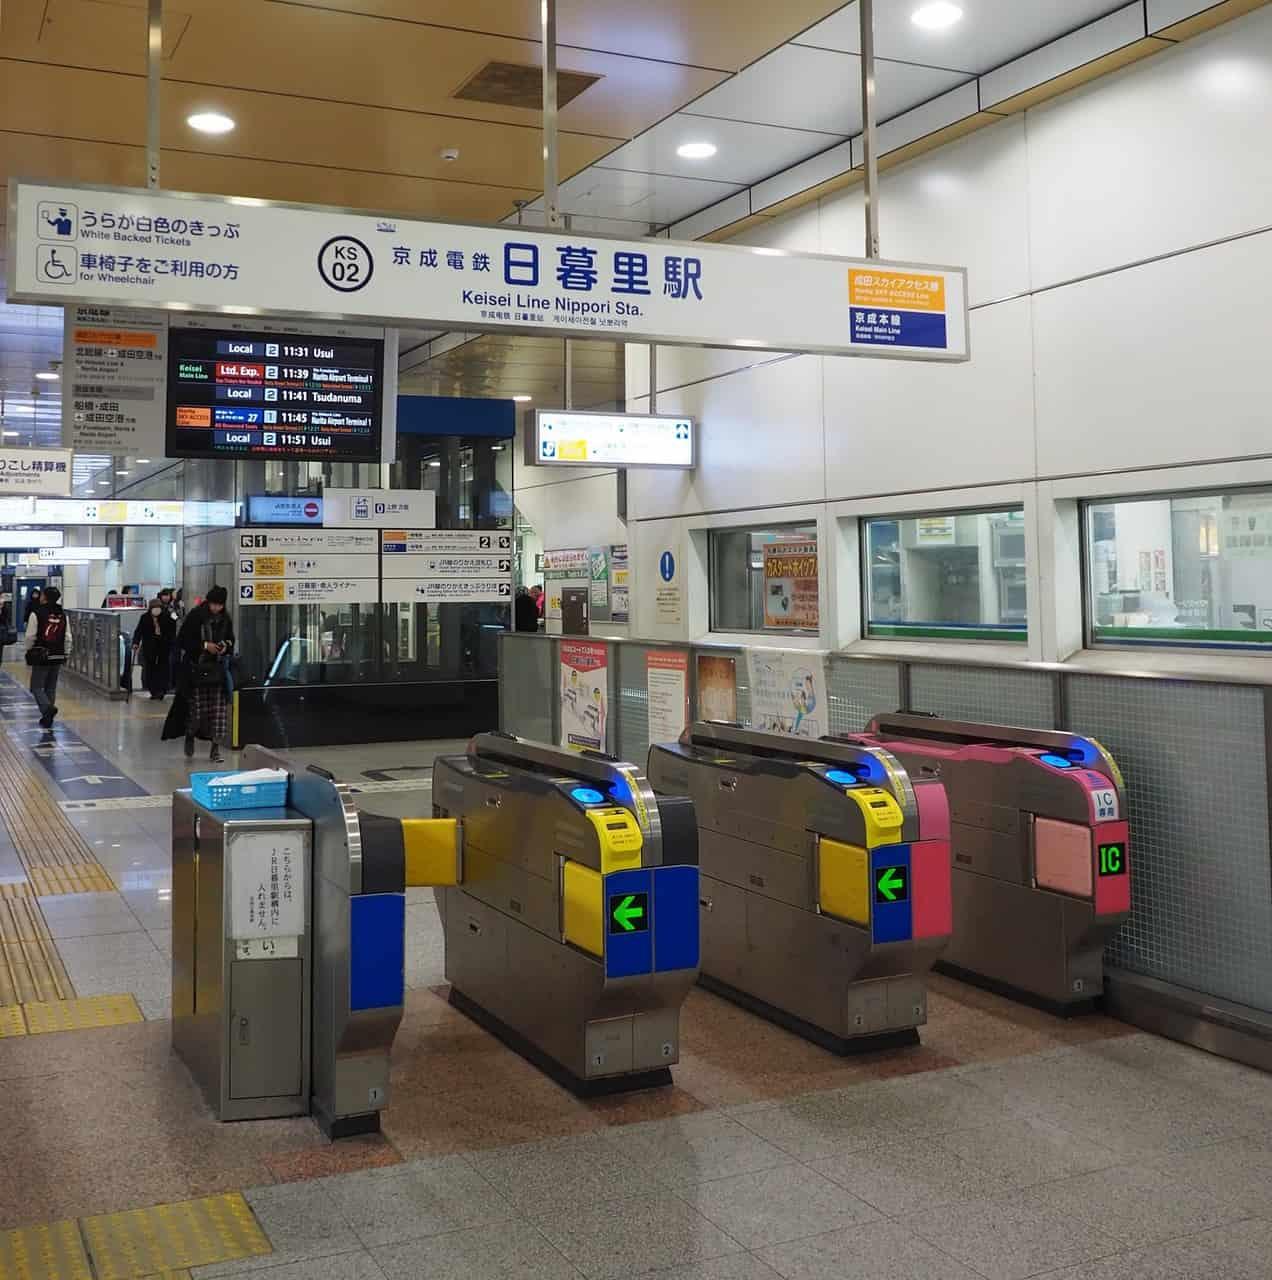 La salida del Skyliner en Nippori, Tokio, Japón